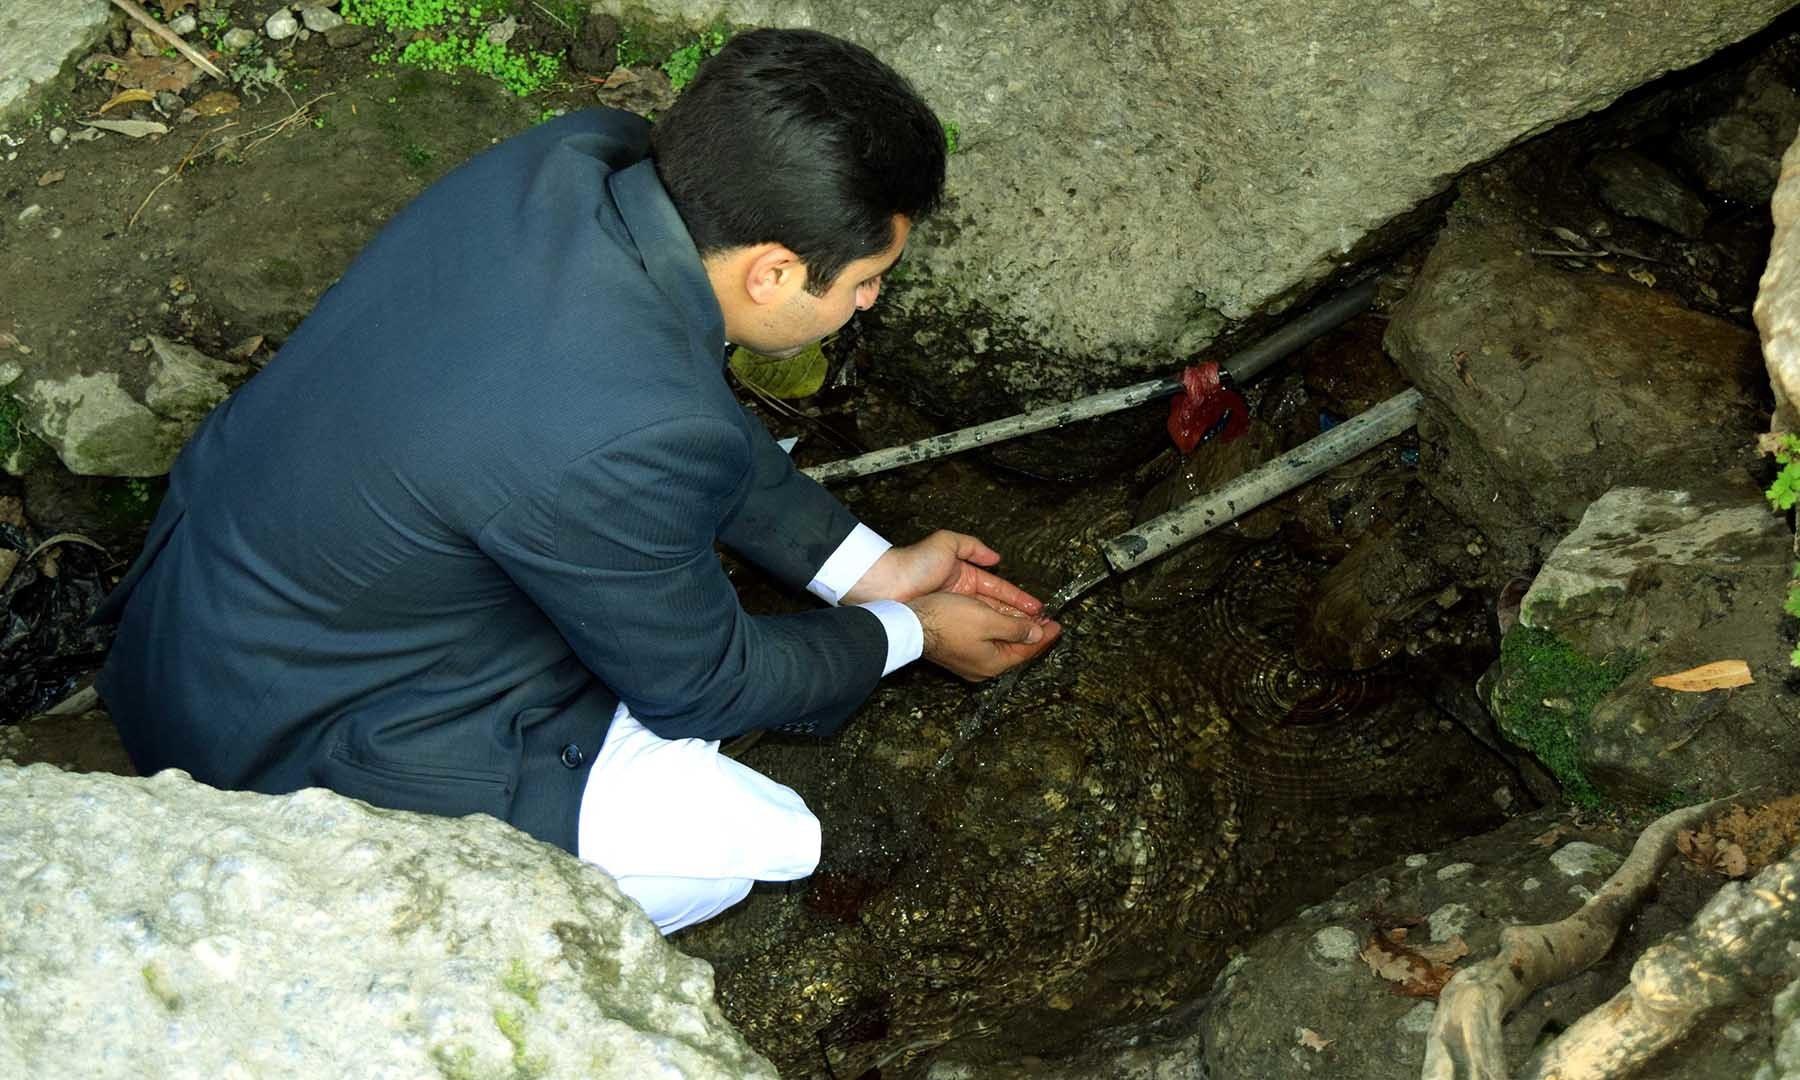 چھٹی یا 7ویں صدی کا میٹھے پانی کا چشمہ جو اَب بھی بہہ رہا ہے اور اس کا پانی قابلِ استعمال ہے—تصویر امجد علی سحاب